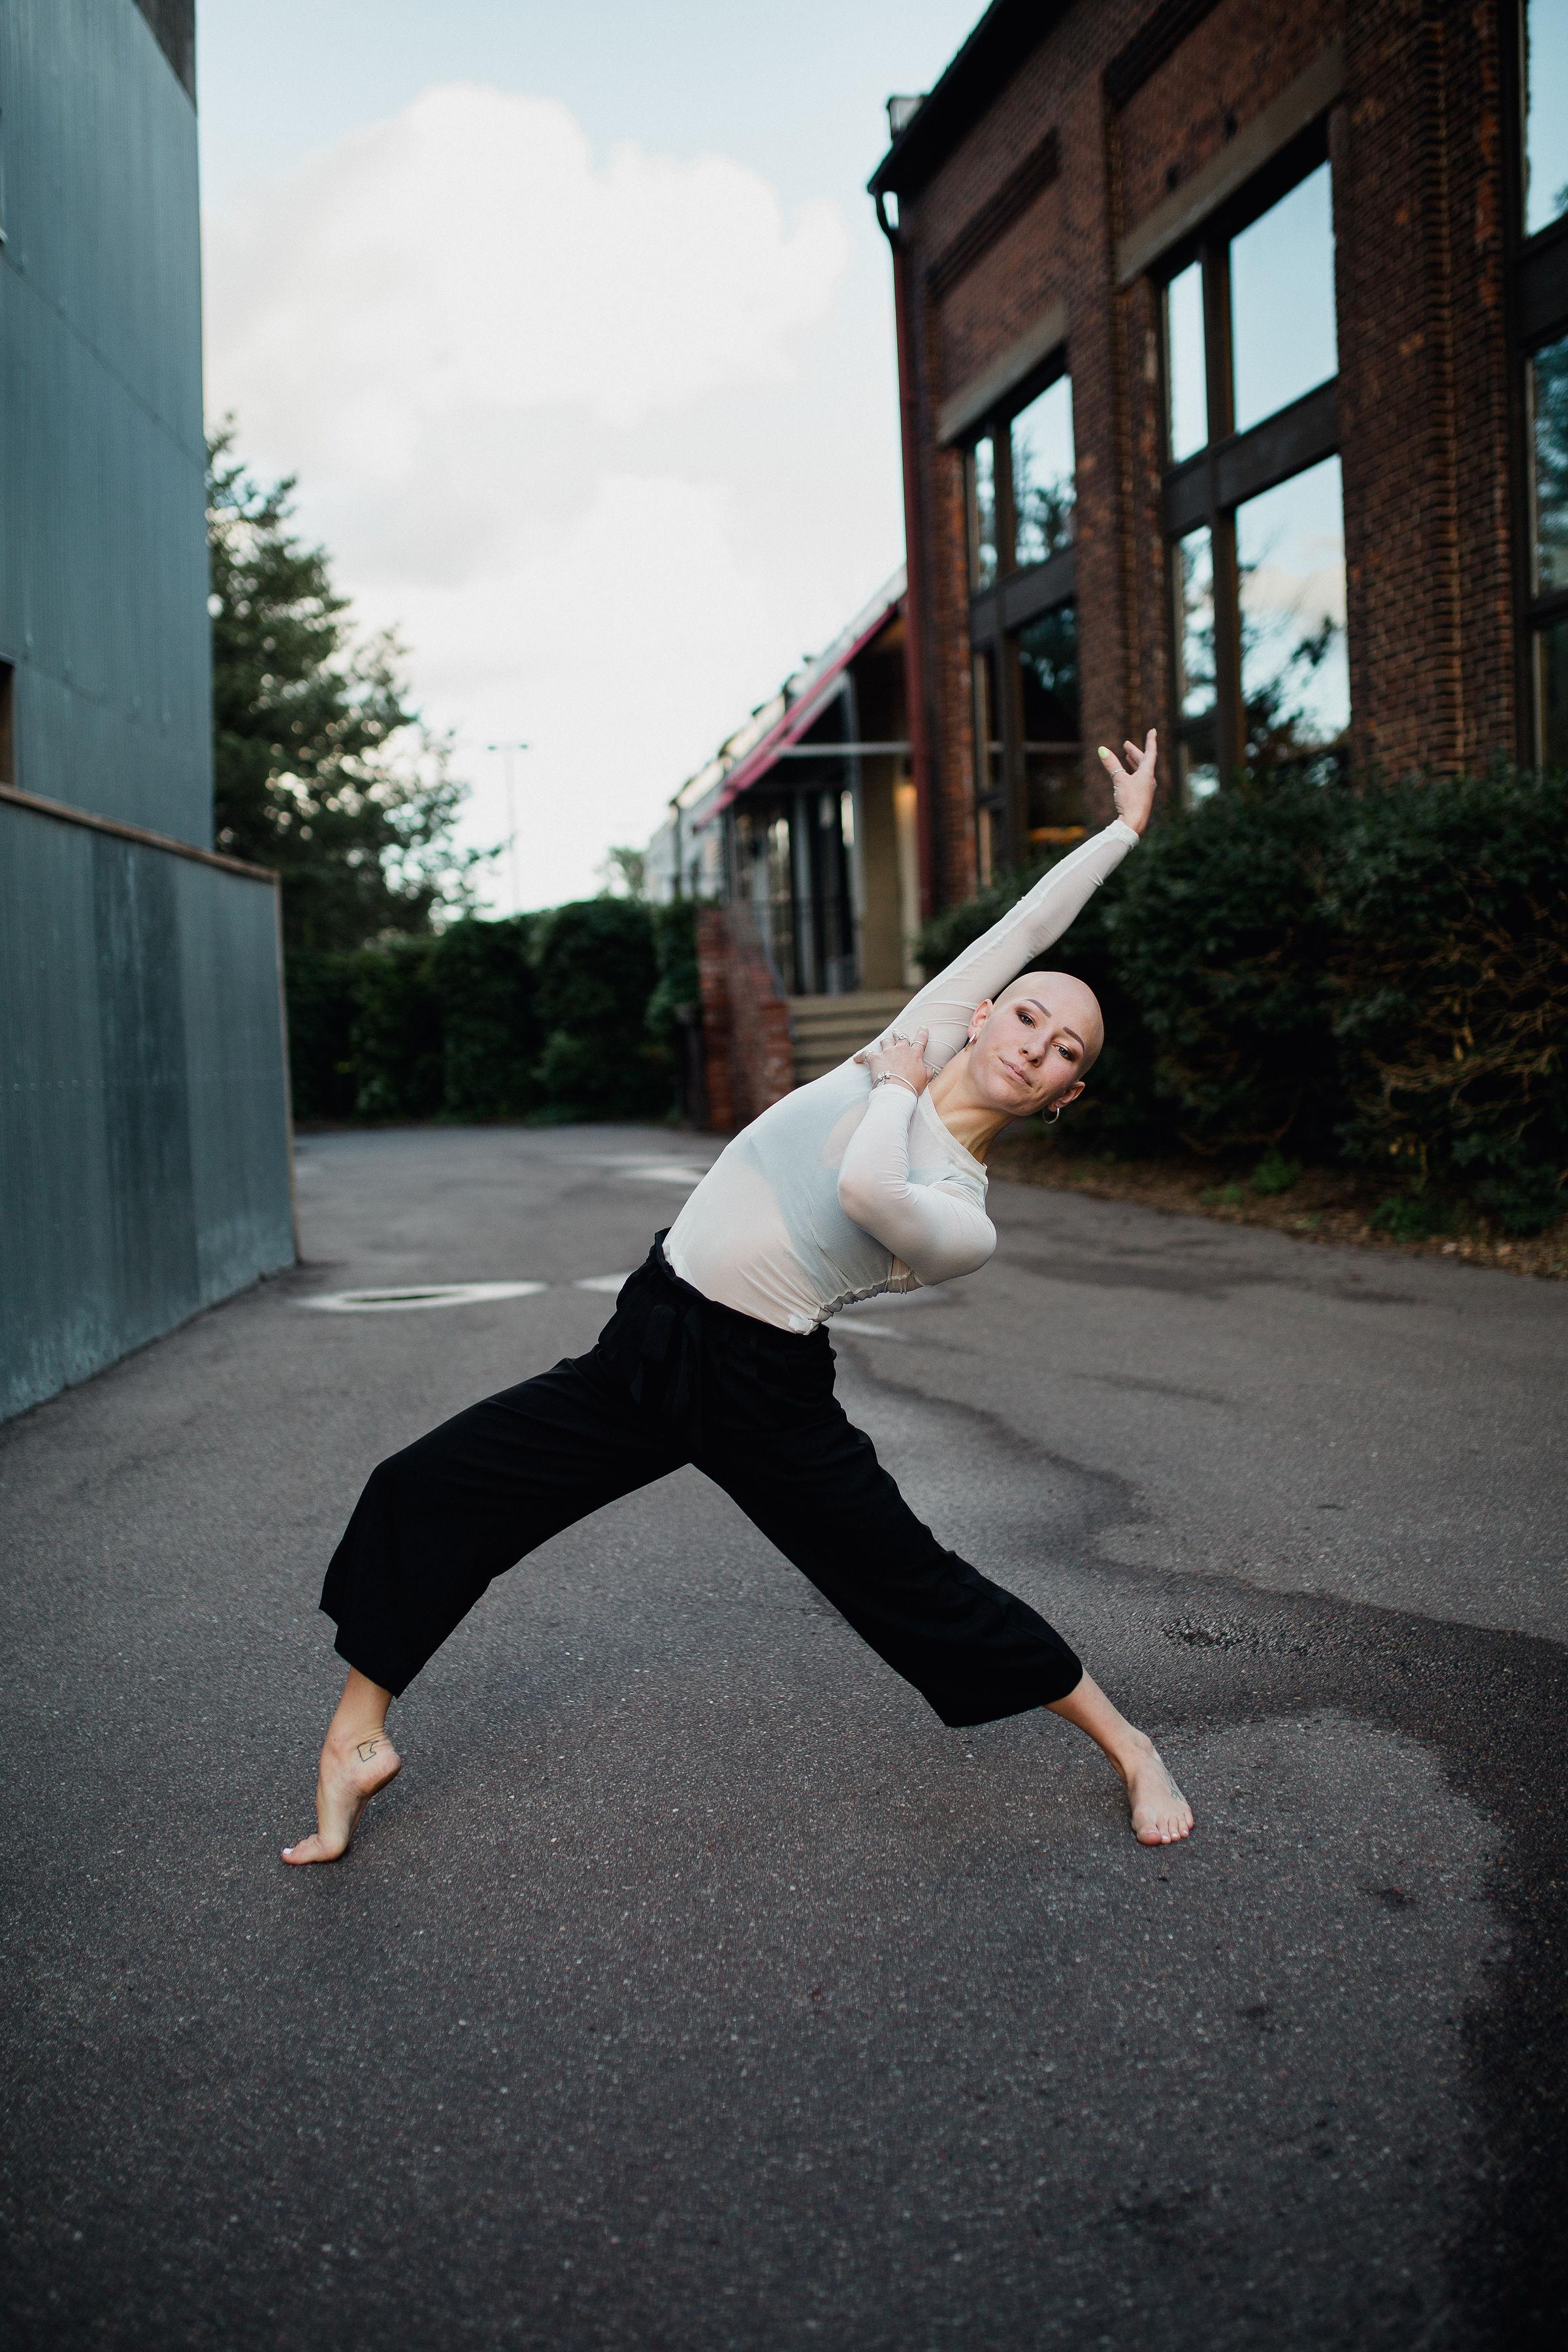 7.10.19_DesJardinsStudio_MadisonJordan_Dance_1.jpg